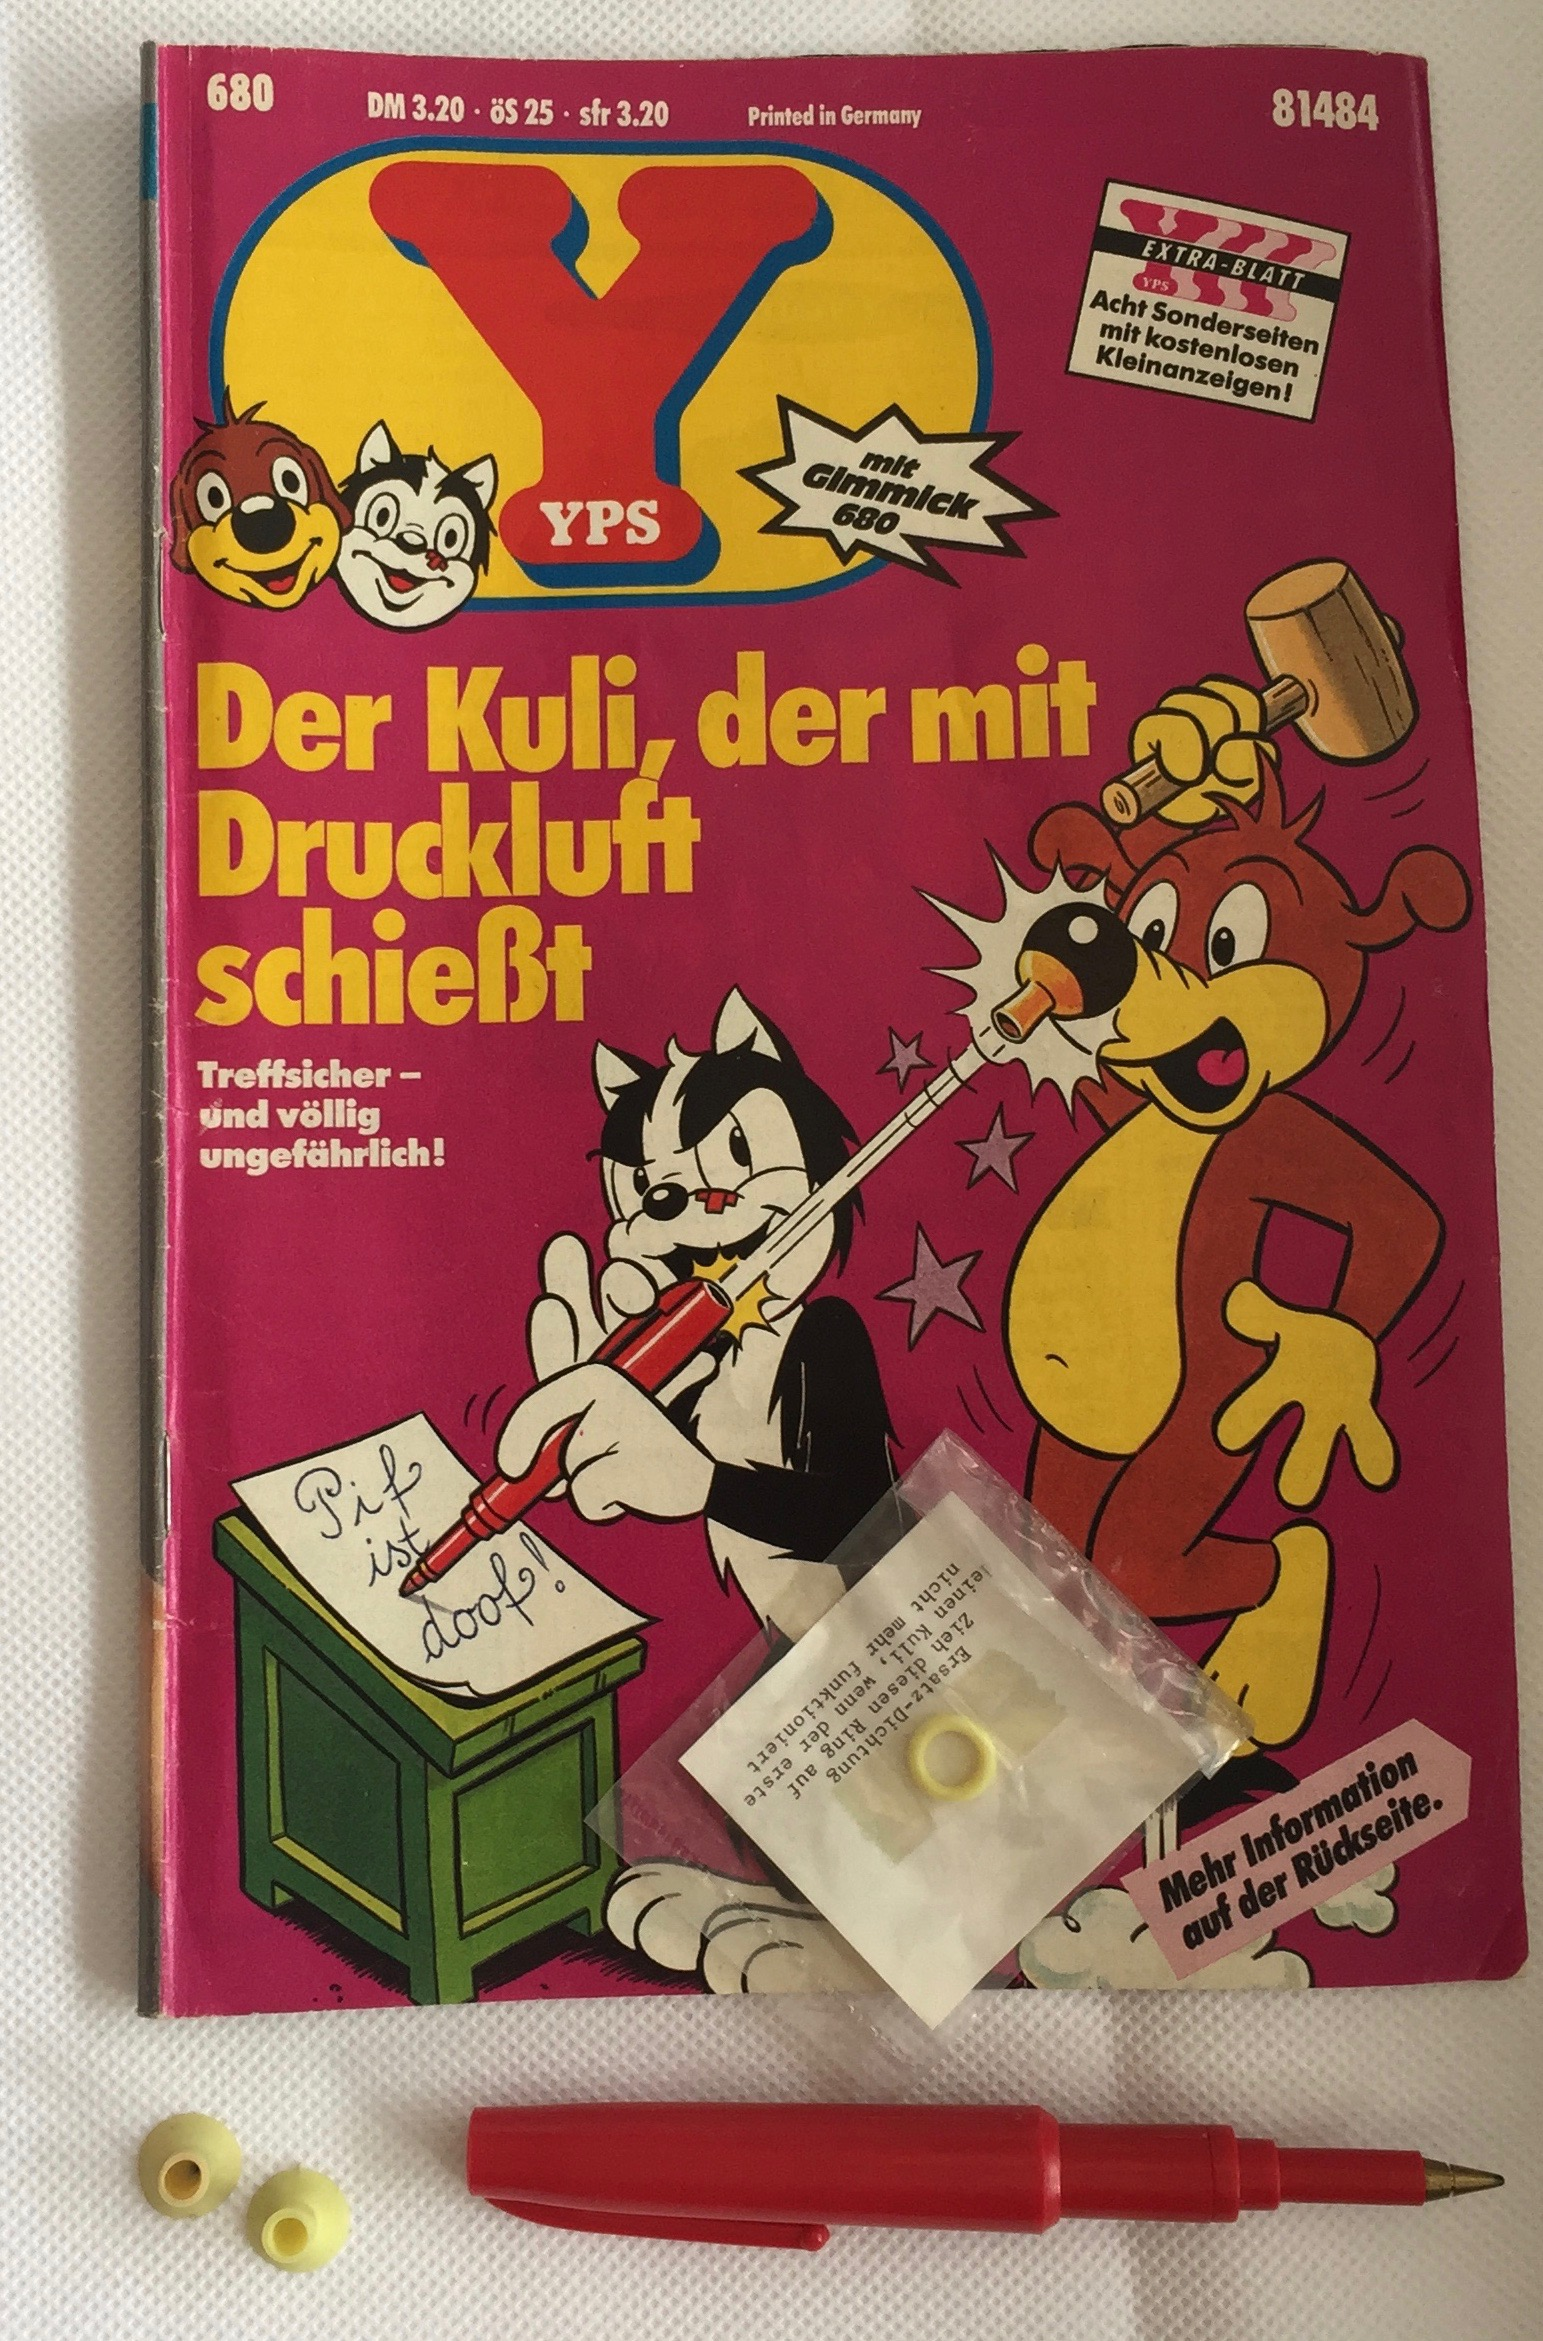 YPS_0680+Der+Kuli+der+mit+Druckluft+schie$C3$9Ft+-+Retroport